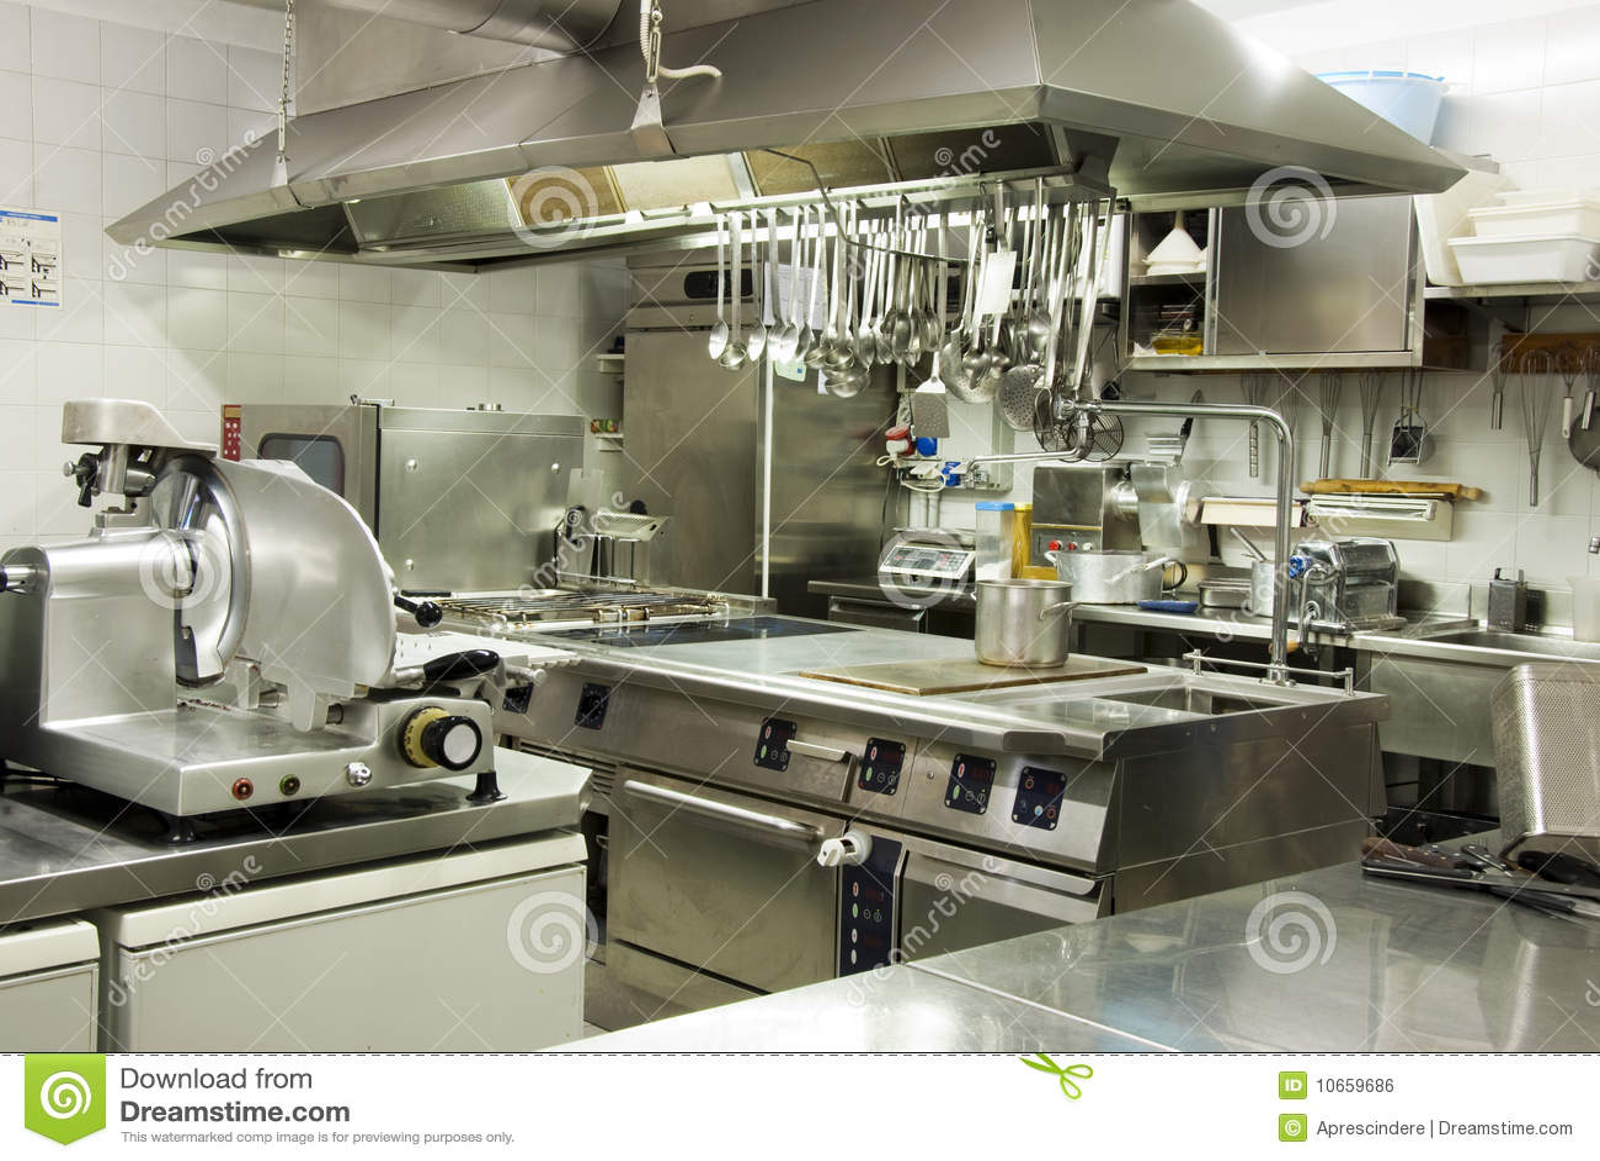 Moderne Keuken Restaurant : Modern Hotel Kitchen